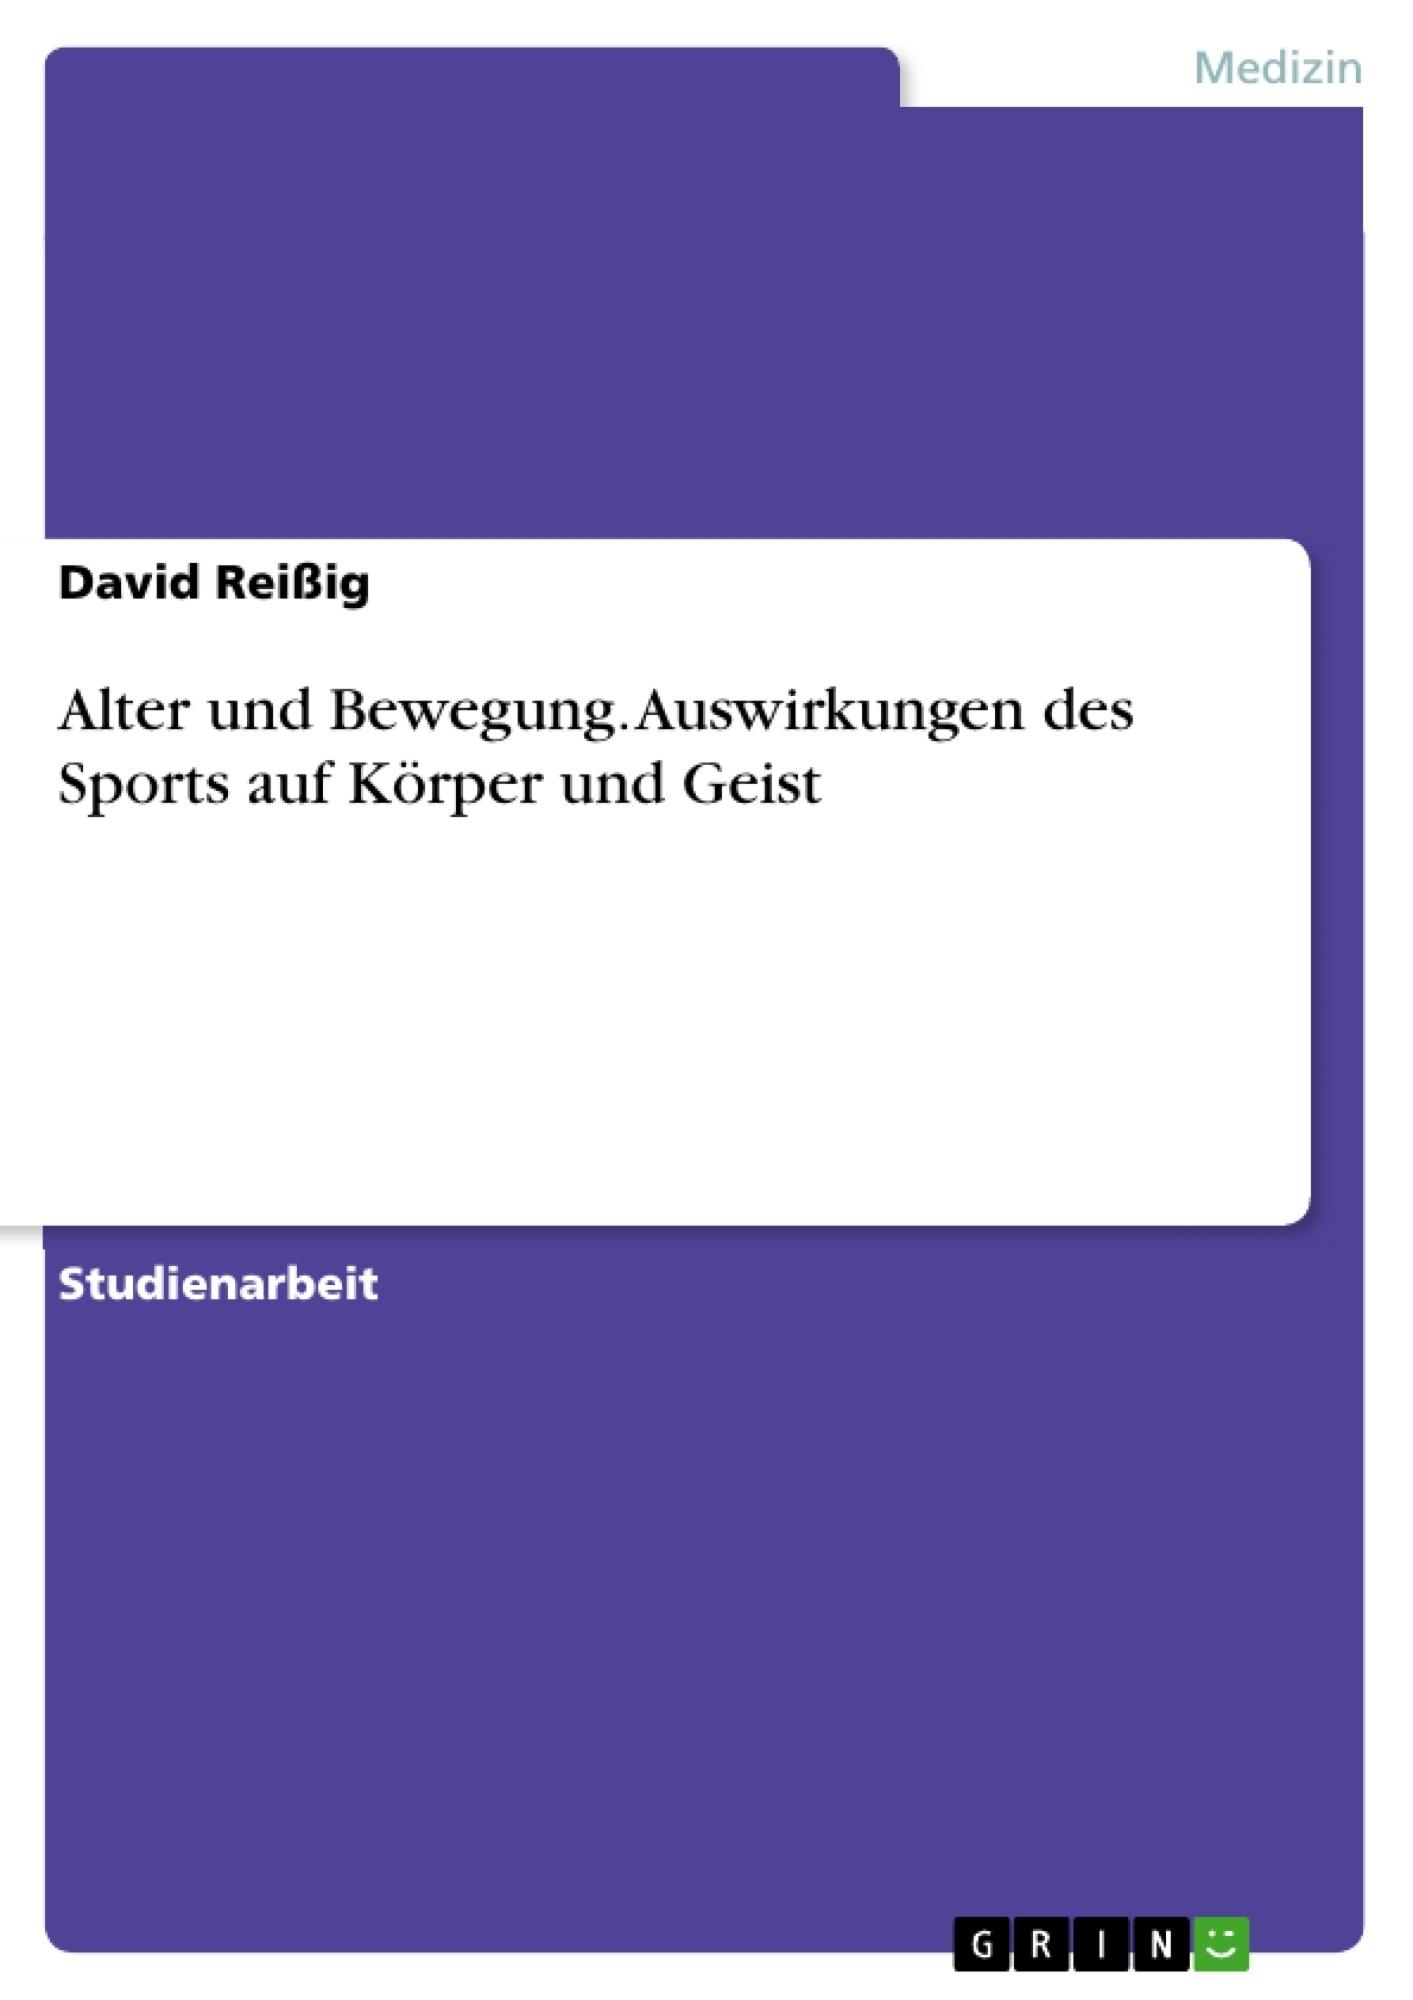 Titel: Alter und Bewegung. Auswirkungen des Sports auf Körper und Geist